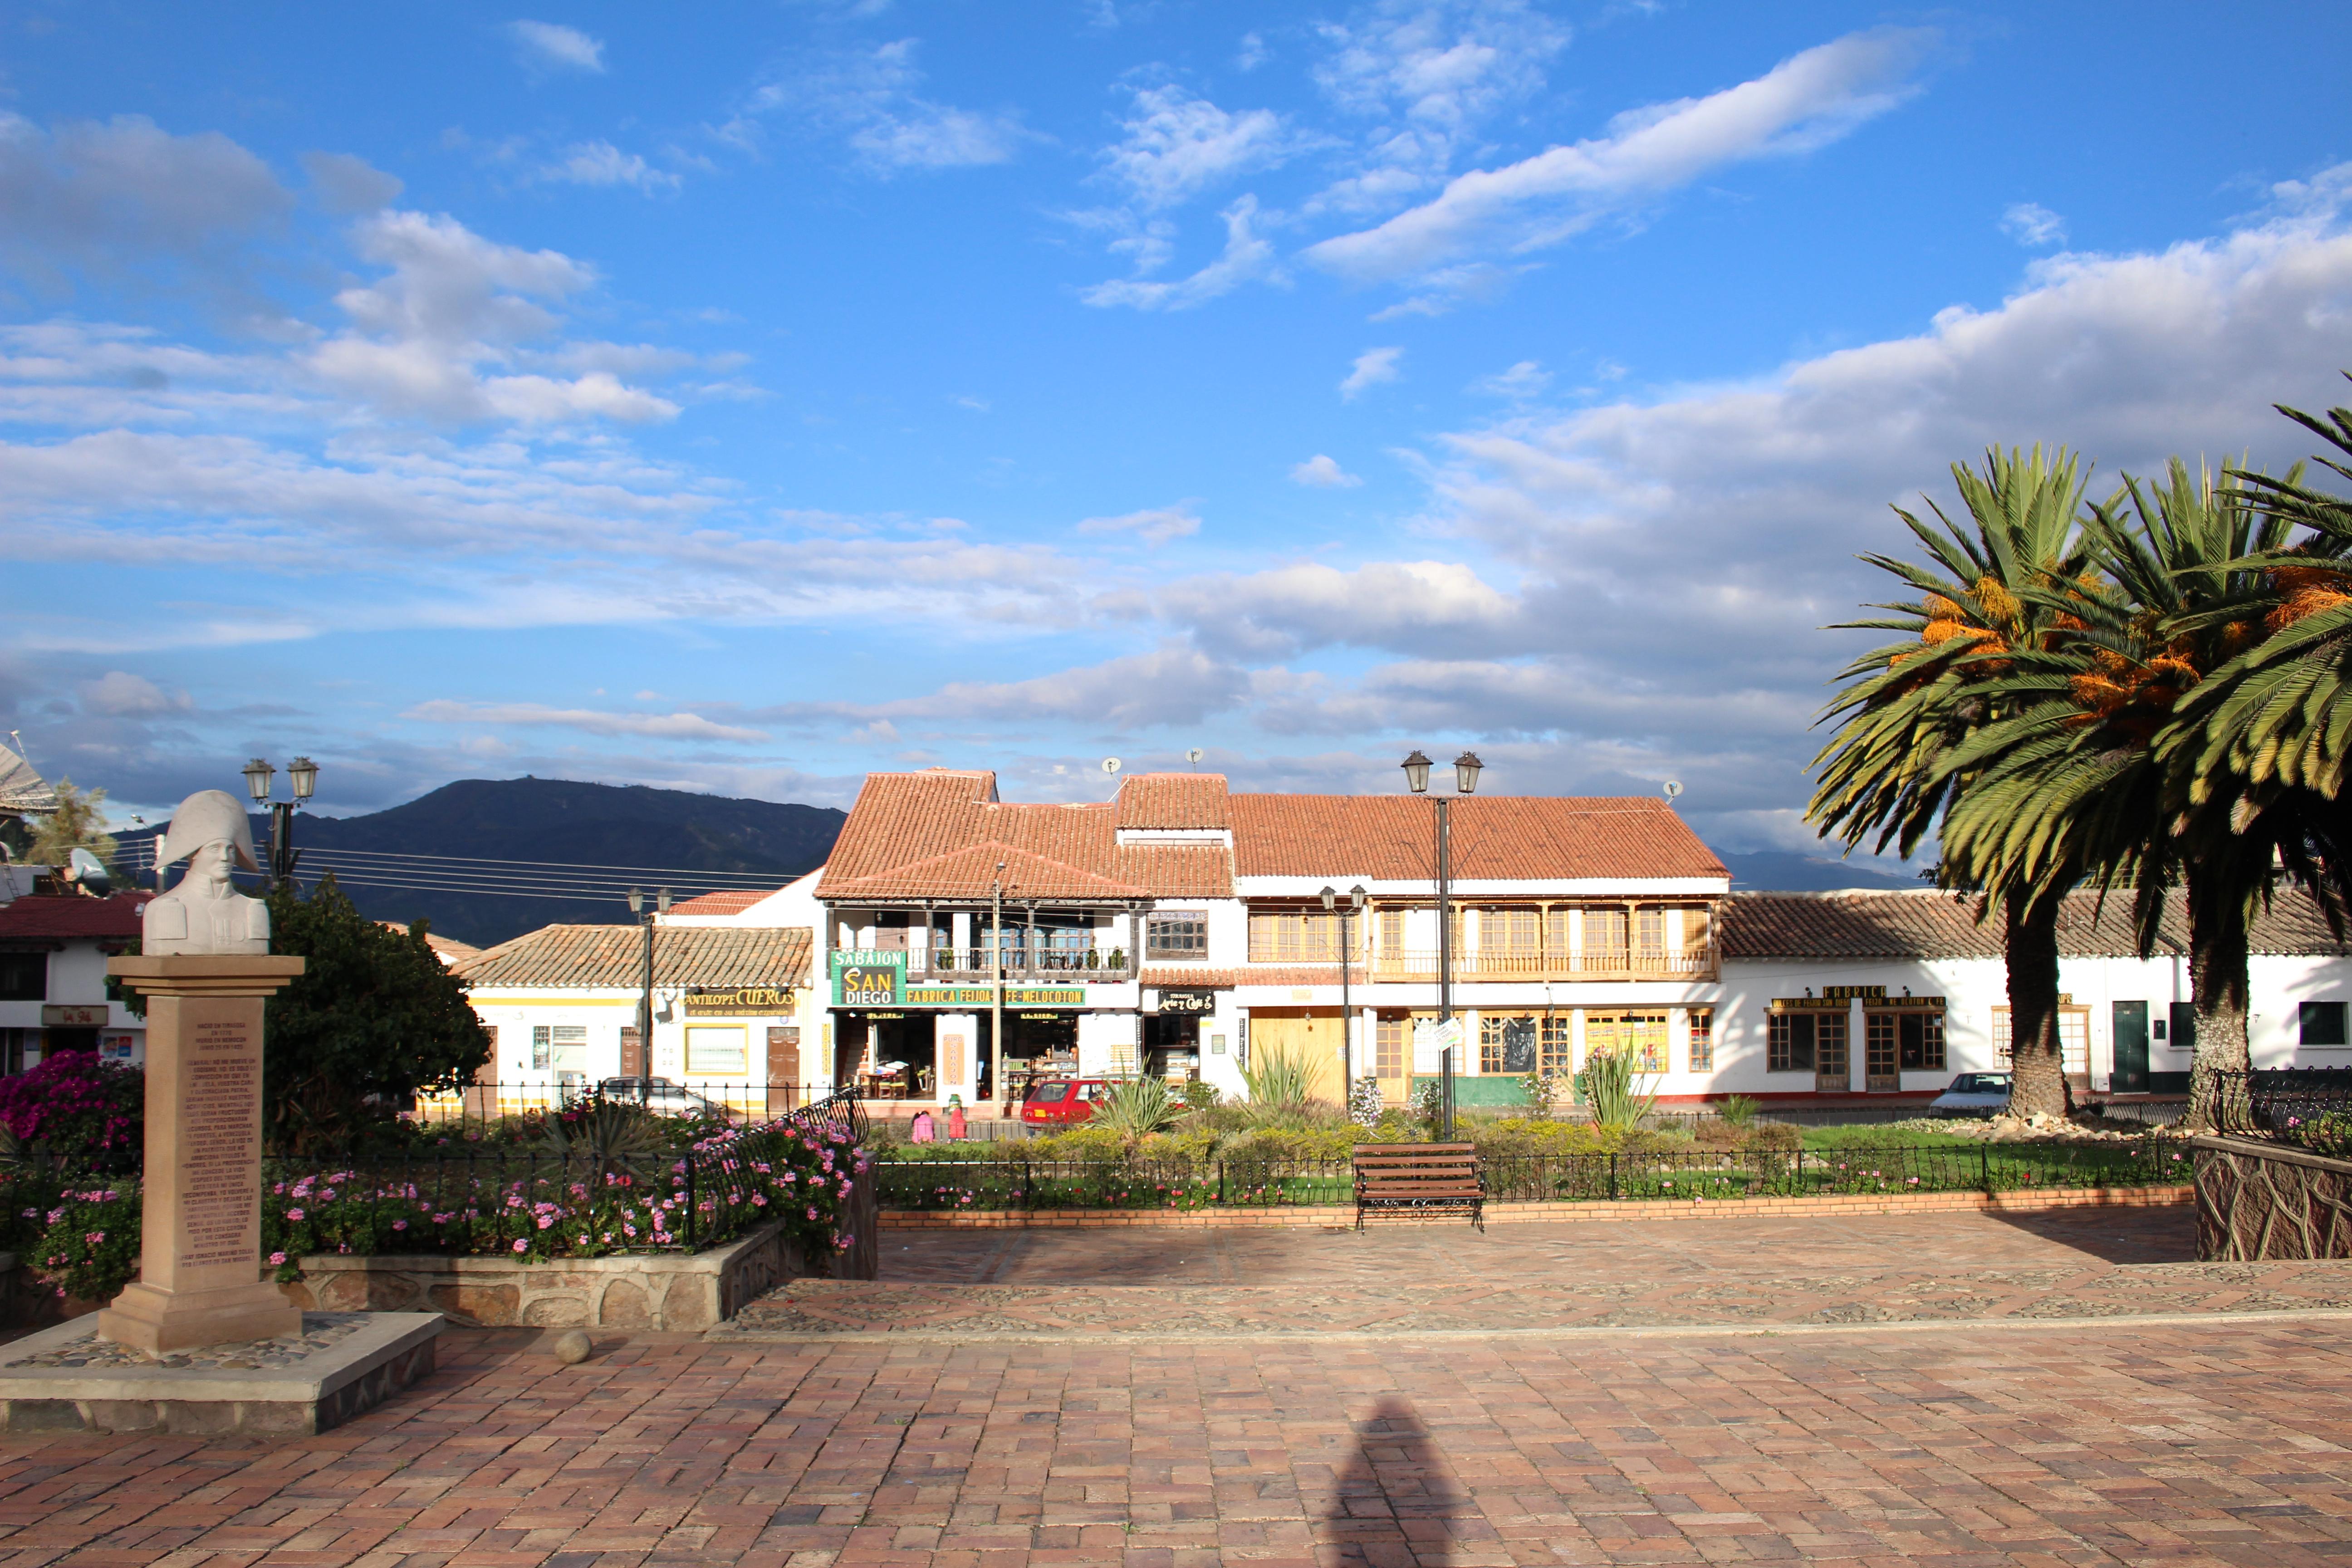 Plaza y monumento de Tibasosa